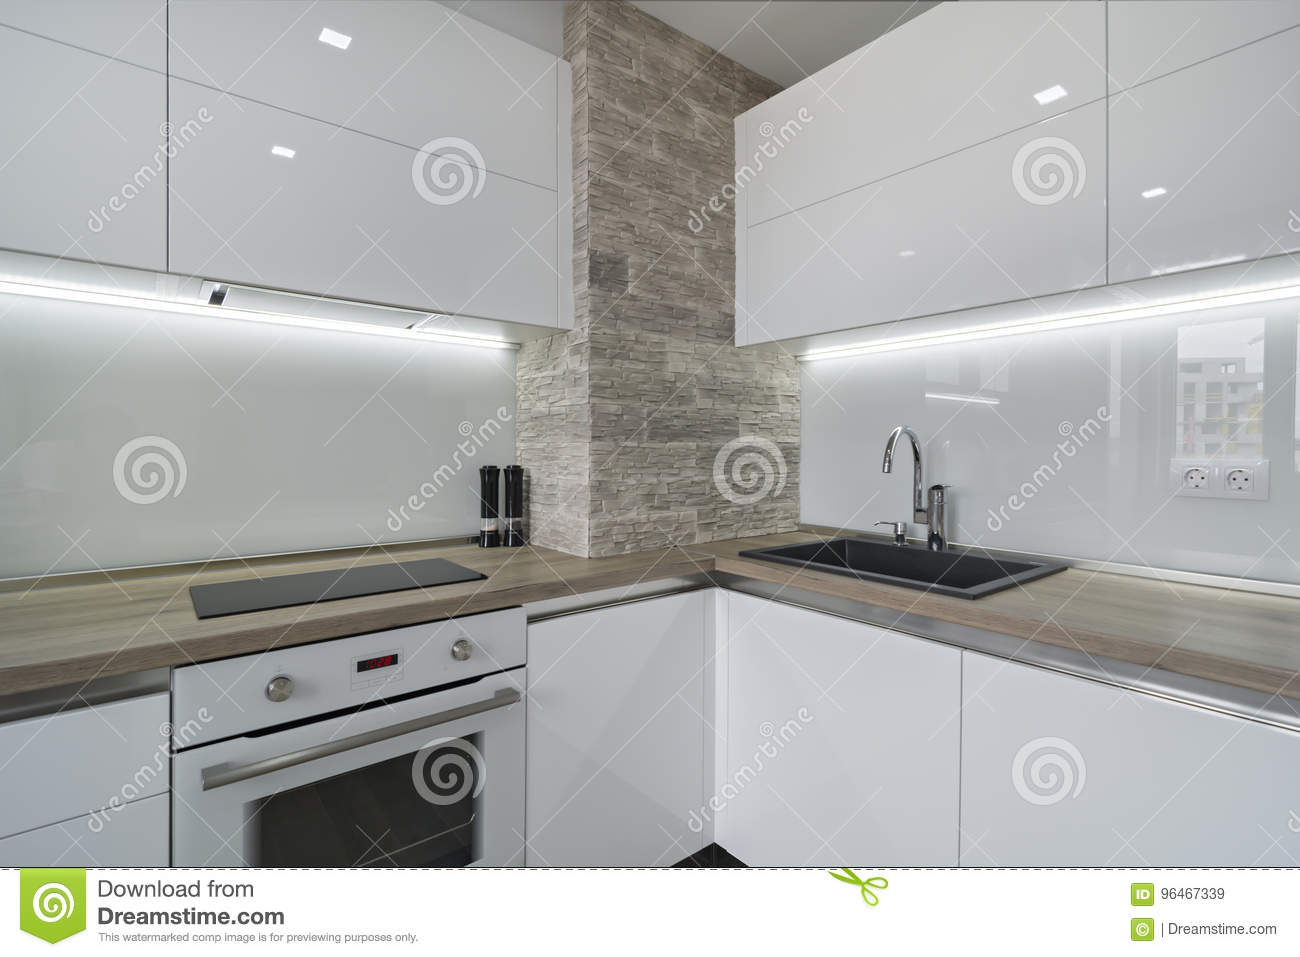 Full Size of Weiße Küche Fototapete Aufbewahrung Treteimer Miniküche Eckküche Mit Elektrogeräten Lampen Winkel Arbeitsplatte Hochglanz Rustikal Selber Planen Küche Weiße Küche